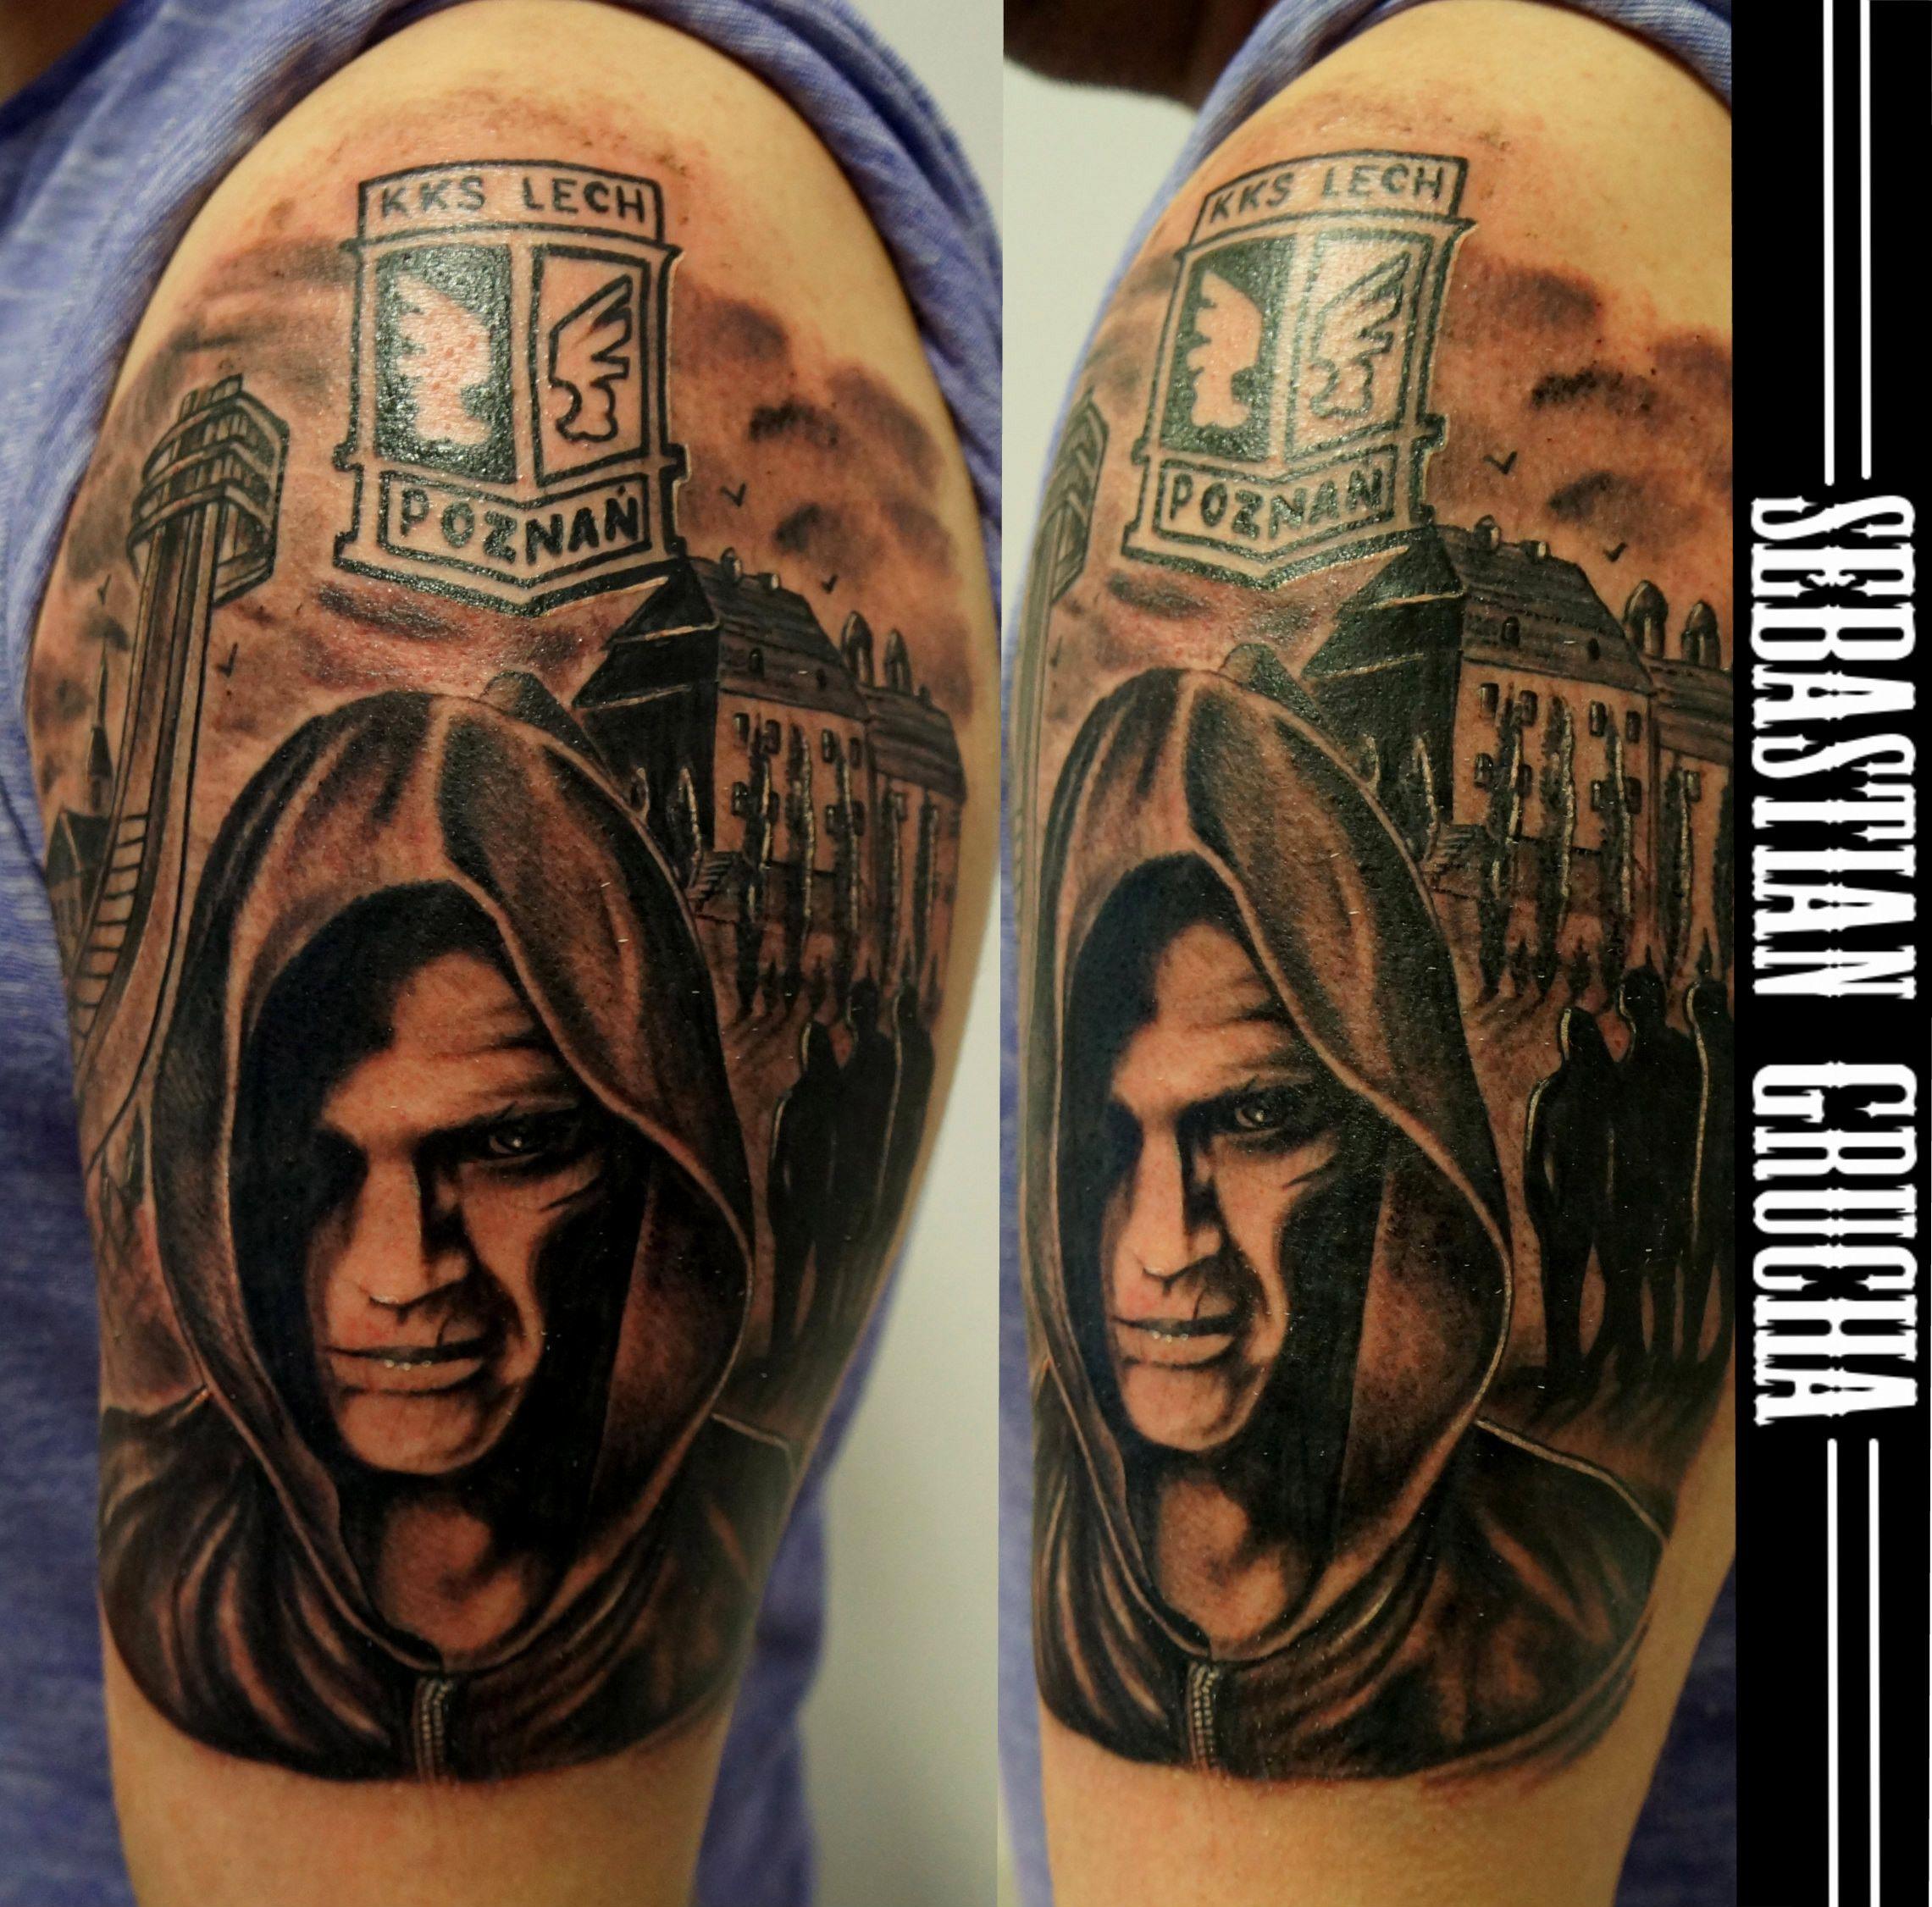 Lechpoznankkslechgruchatattooztattoo Tatuaże Tatuaże